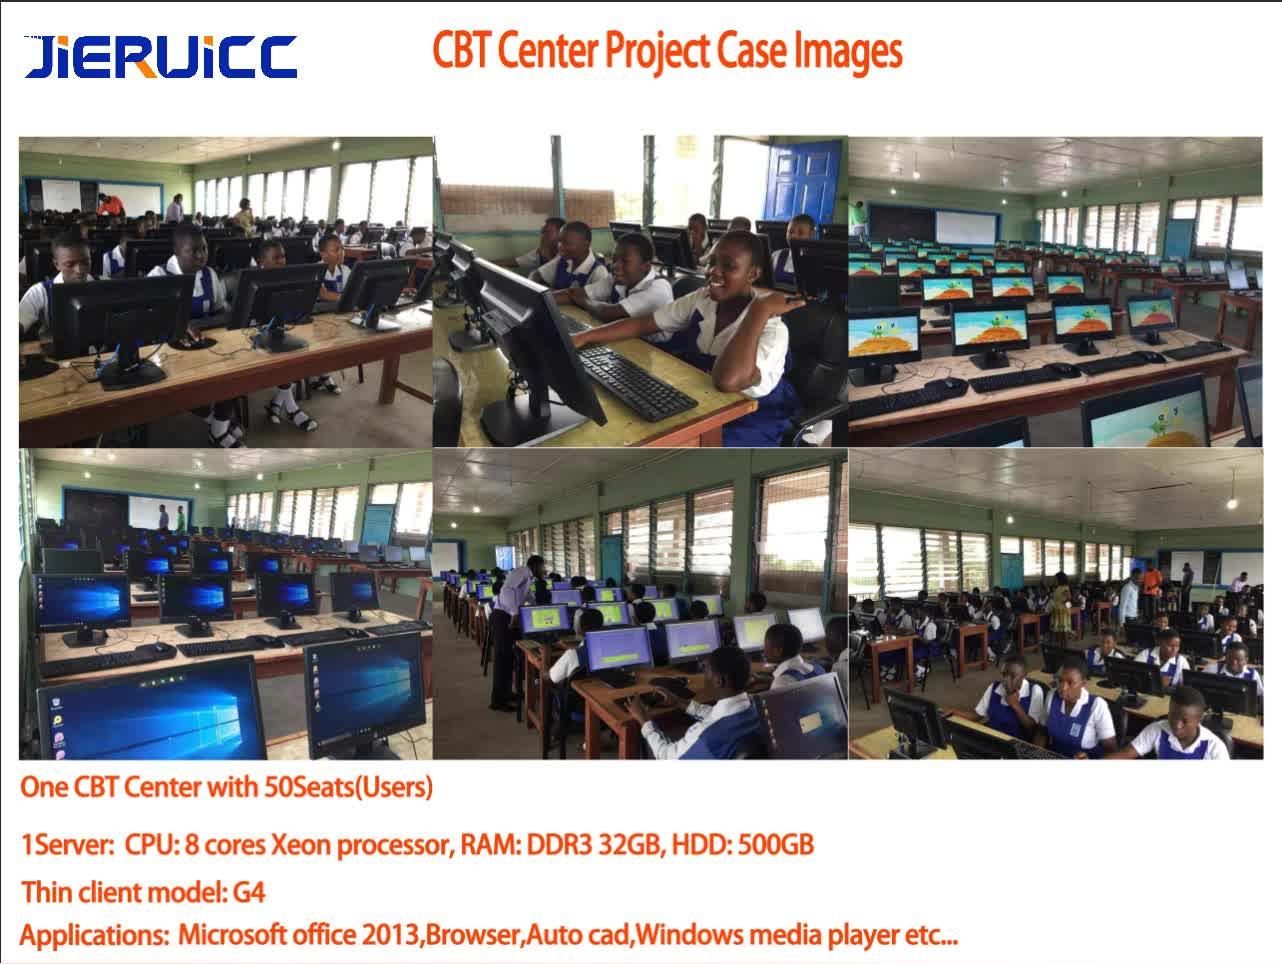 シンクライアント s100 vcloudpoint コンピュータラボインターネットカフェ学校シンクライアント windows 10